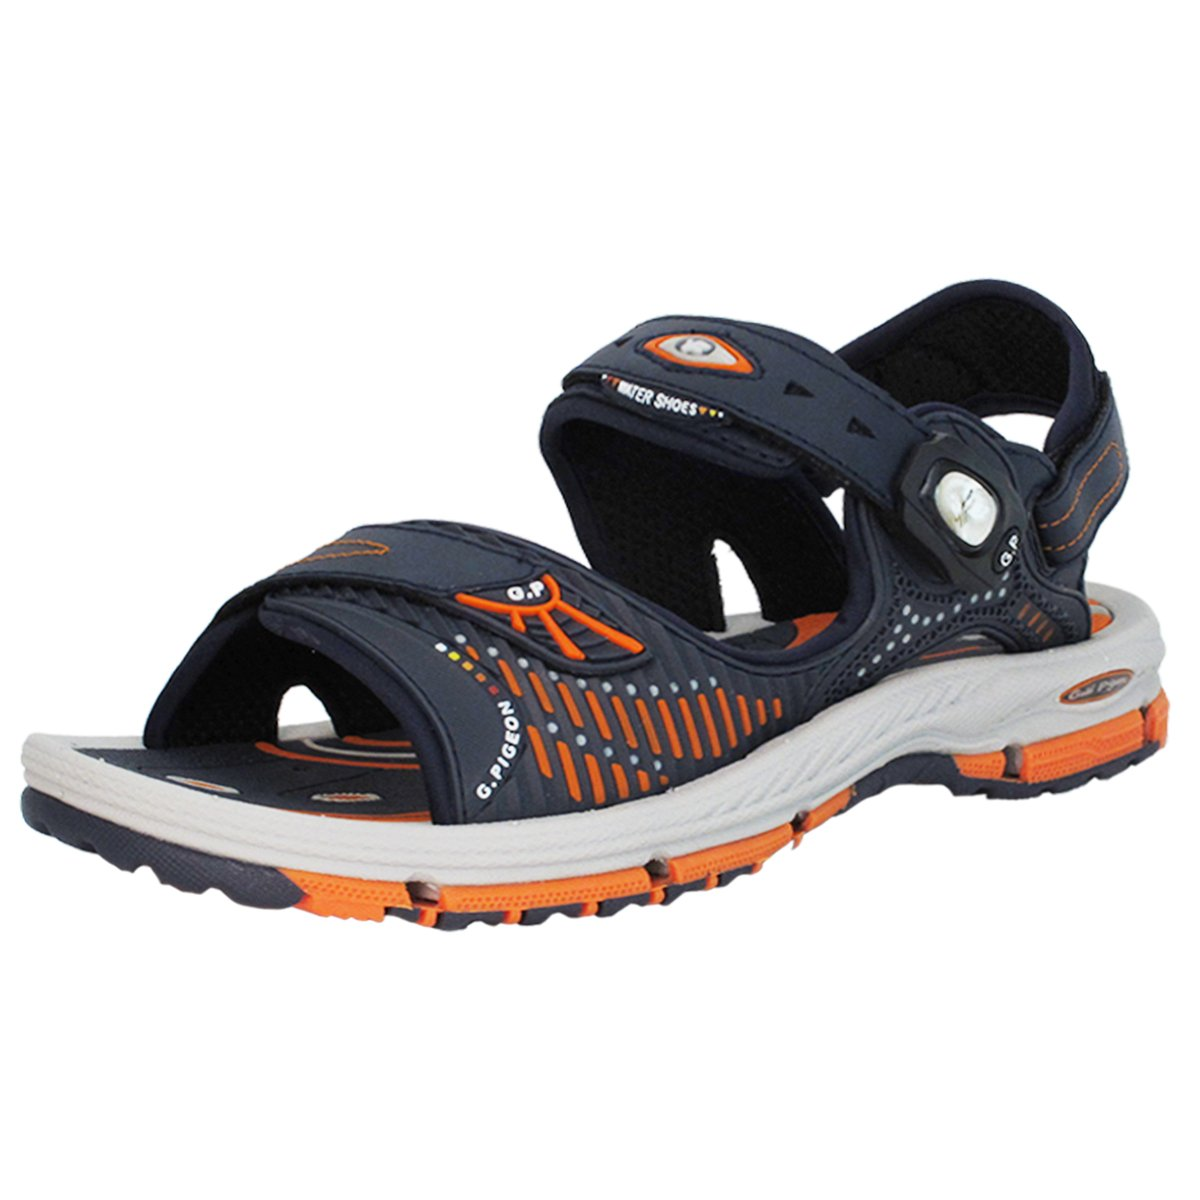 GP9177 Men Women Kids Breathable Outdoor/Water Snap Lock Sandals